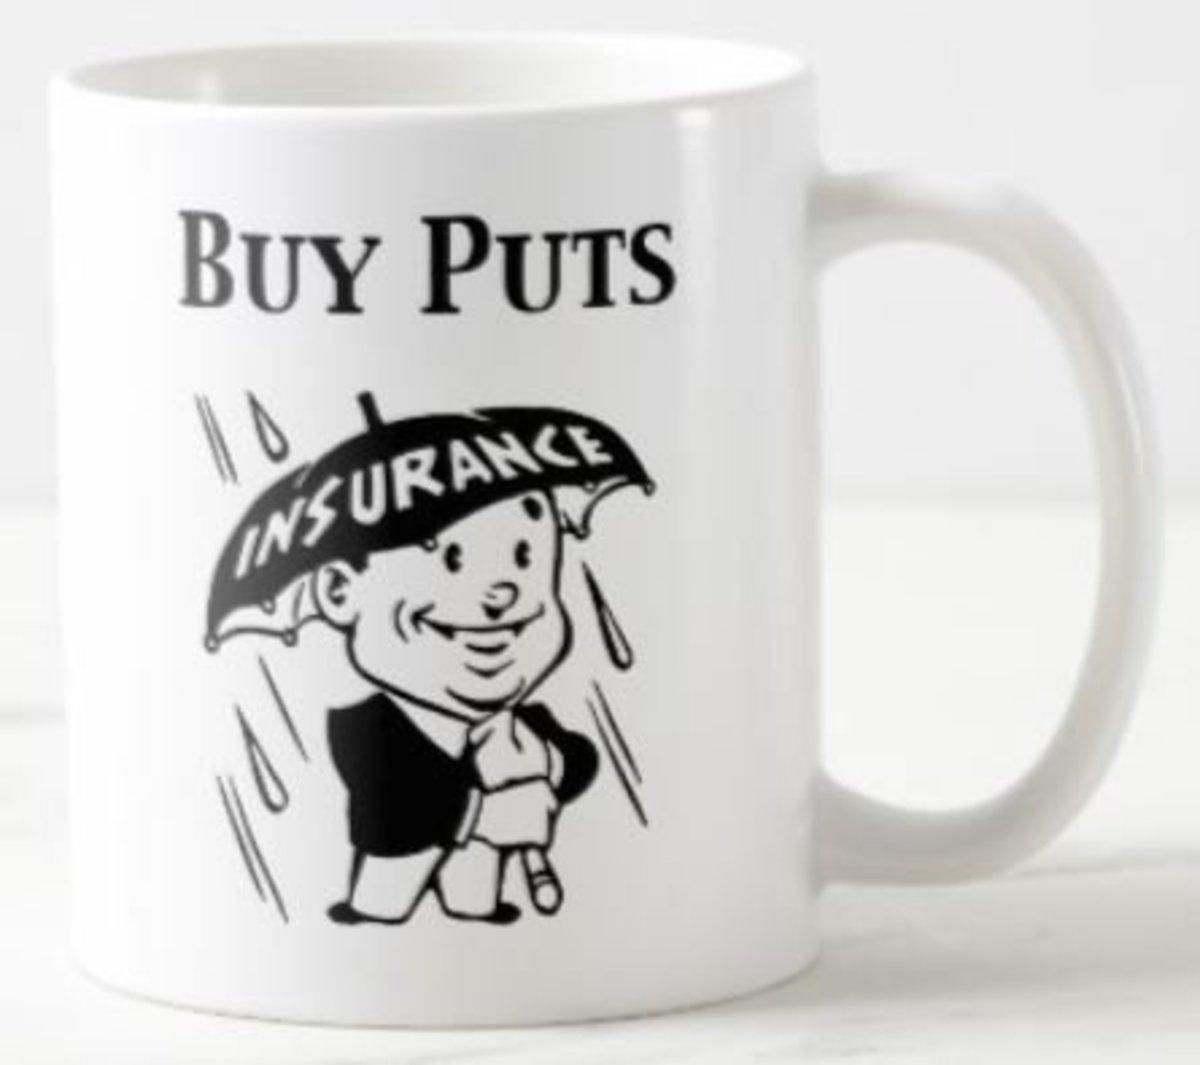 Buy Puts Mug